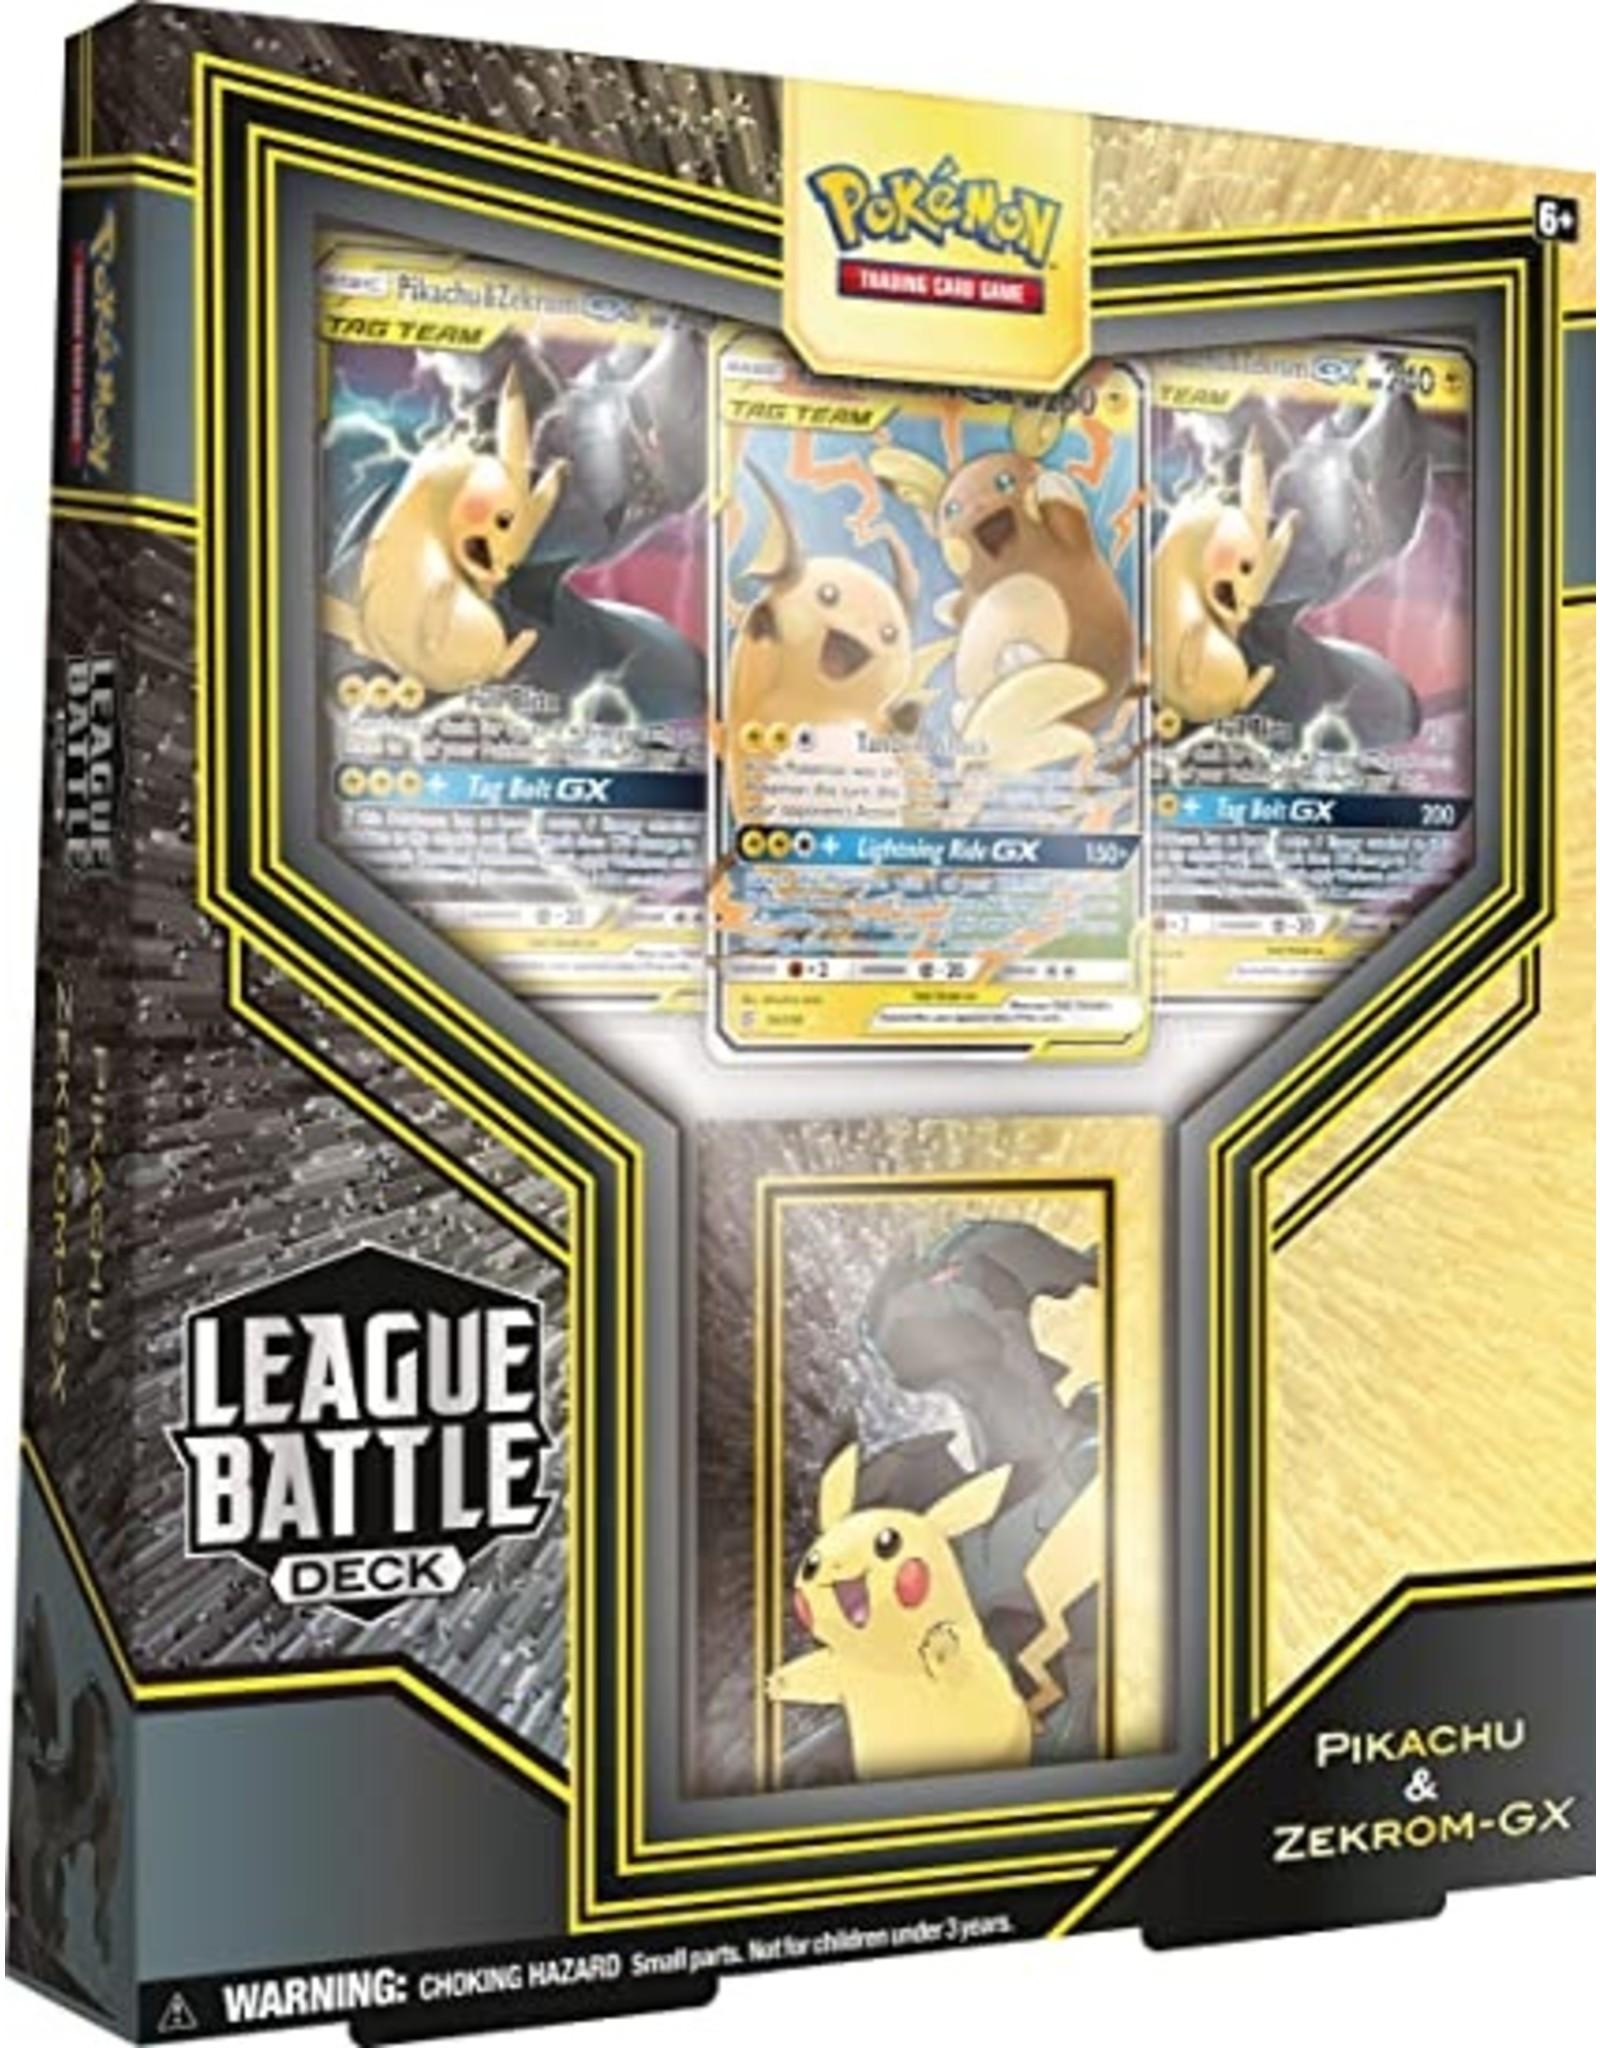 Pokemon: League Battle Deck Pikachu & Zekrom-GX